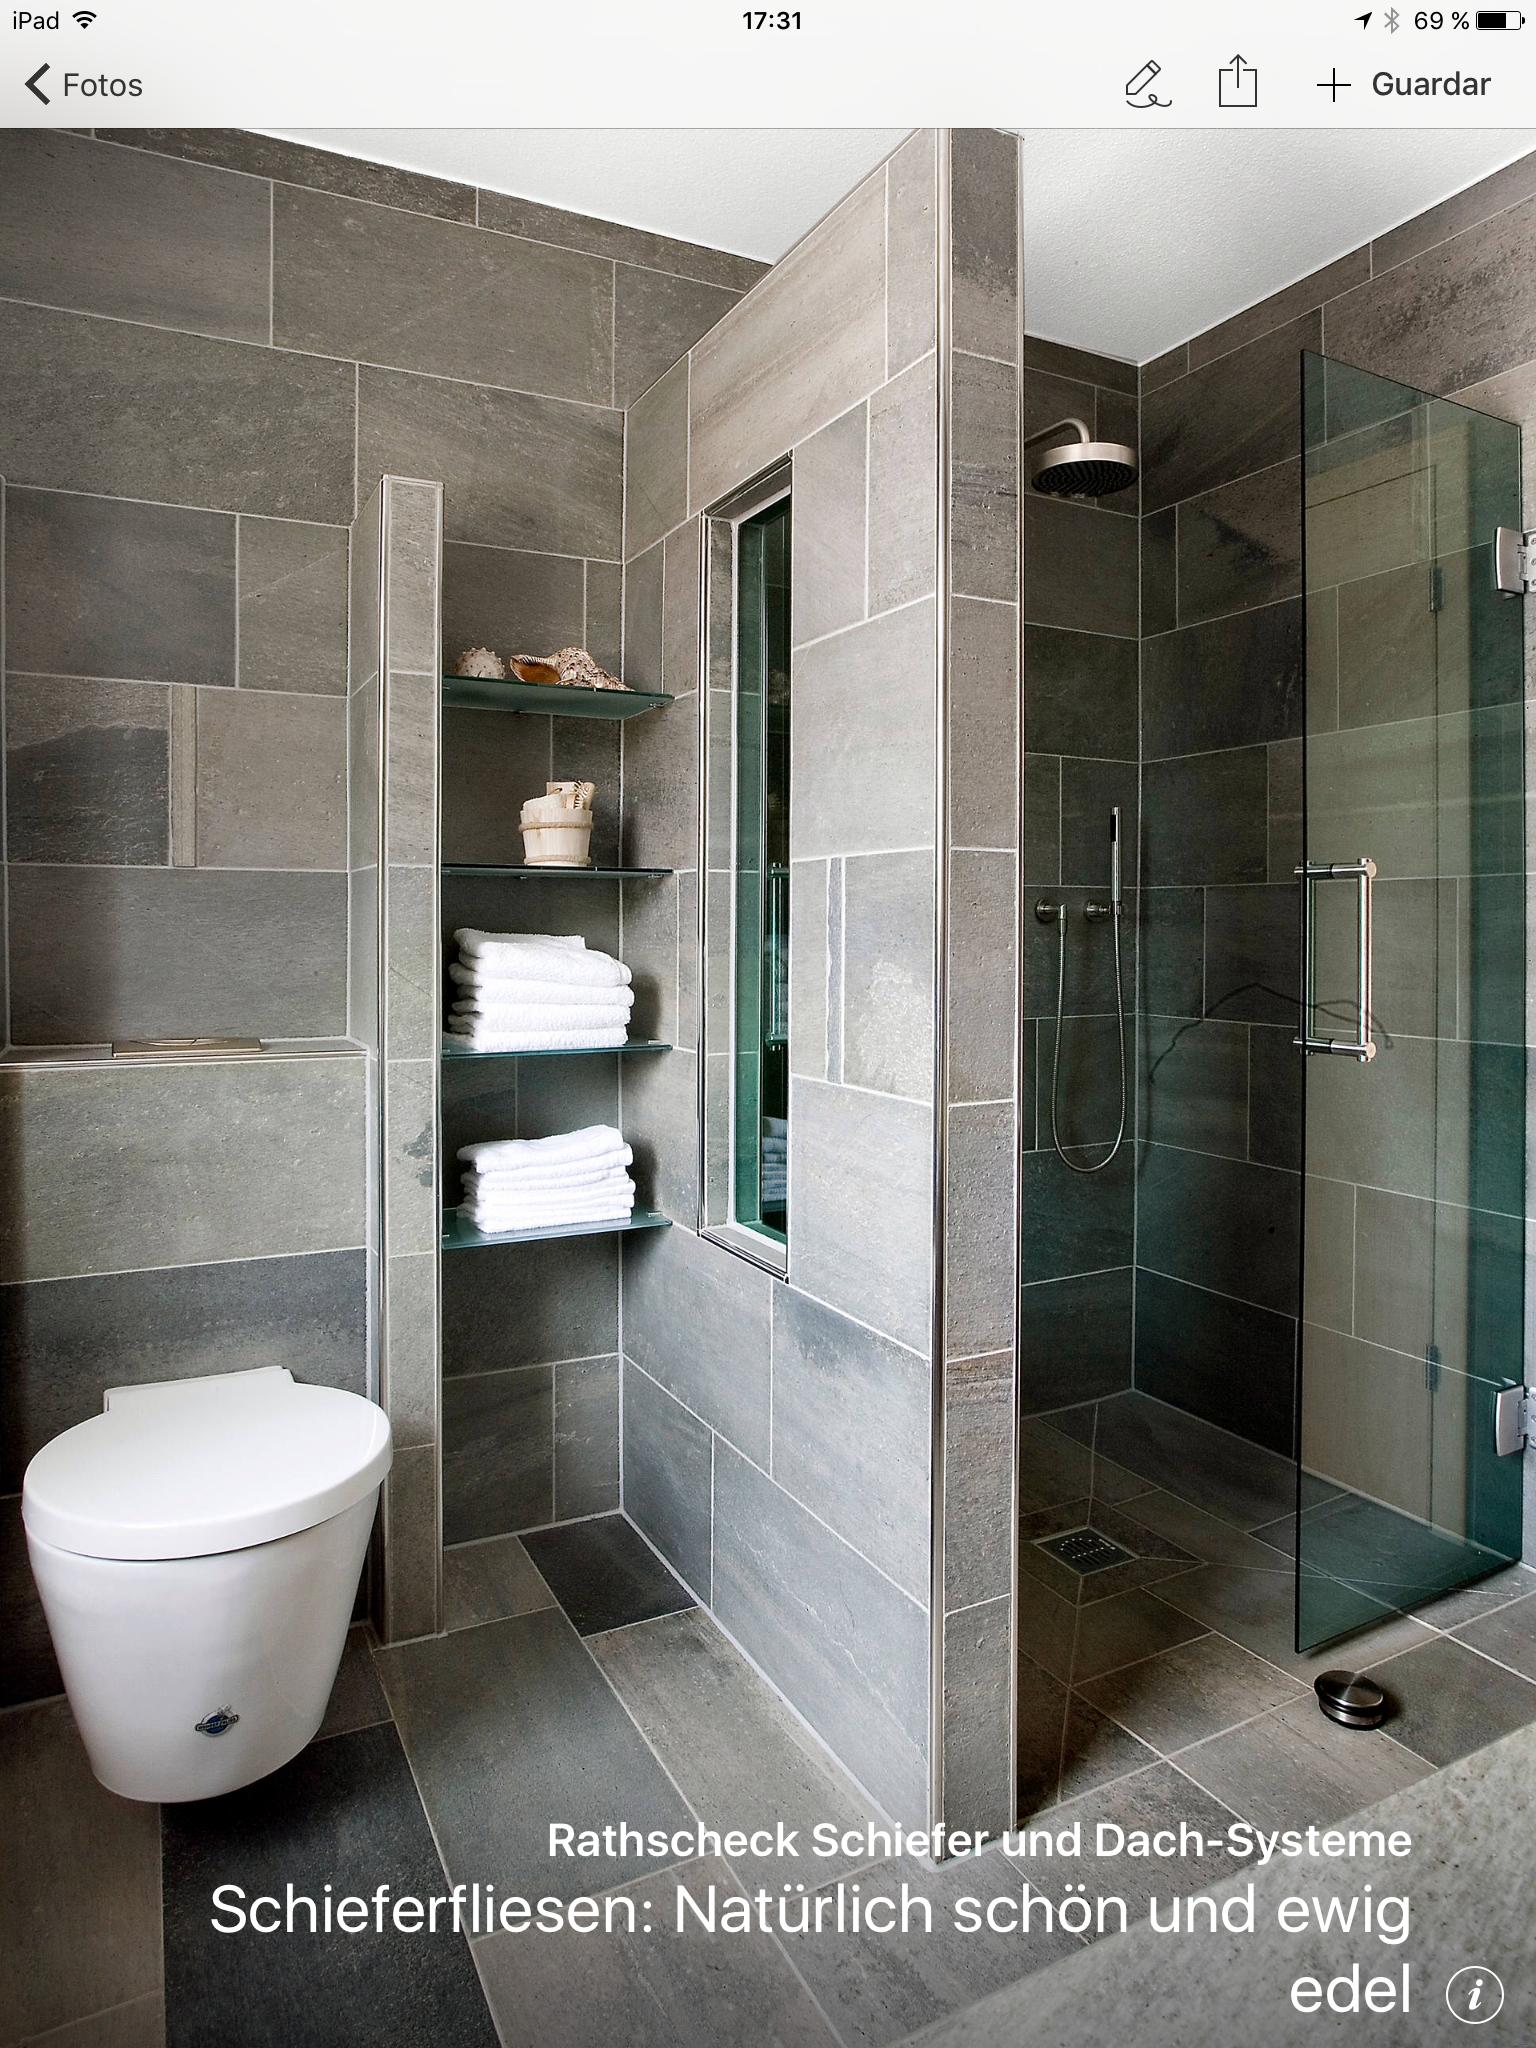 Badezimmer design dusche pin von andreas bikar auf badezimmer  pinterest  badezimmer bad